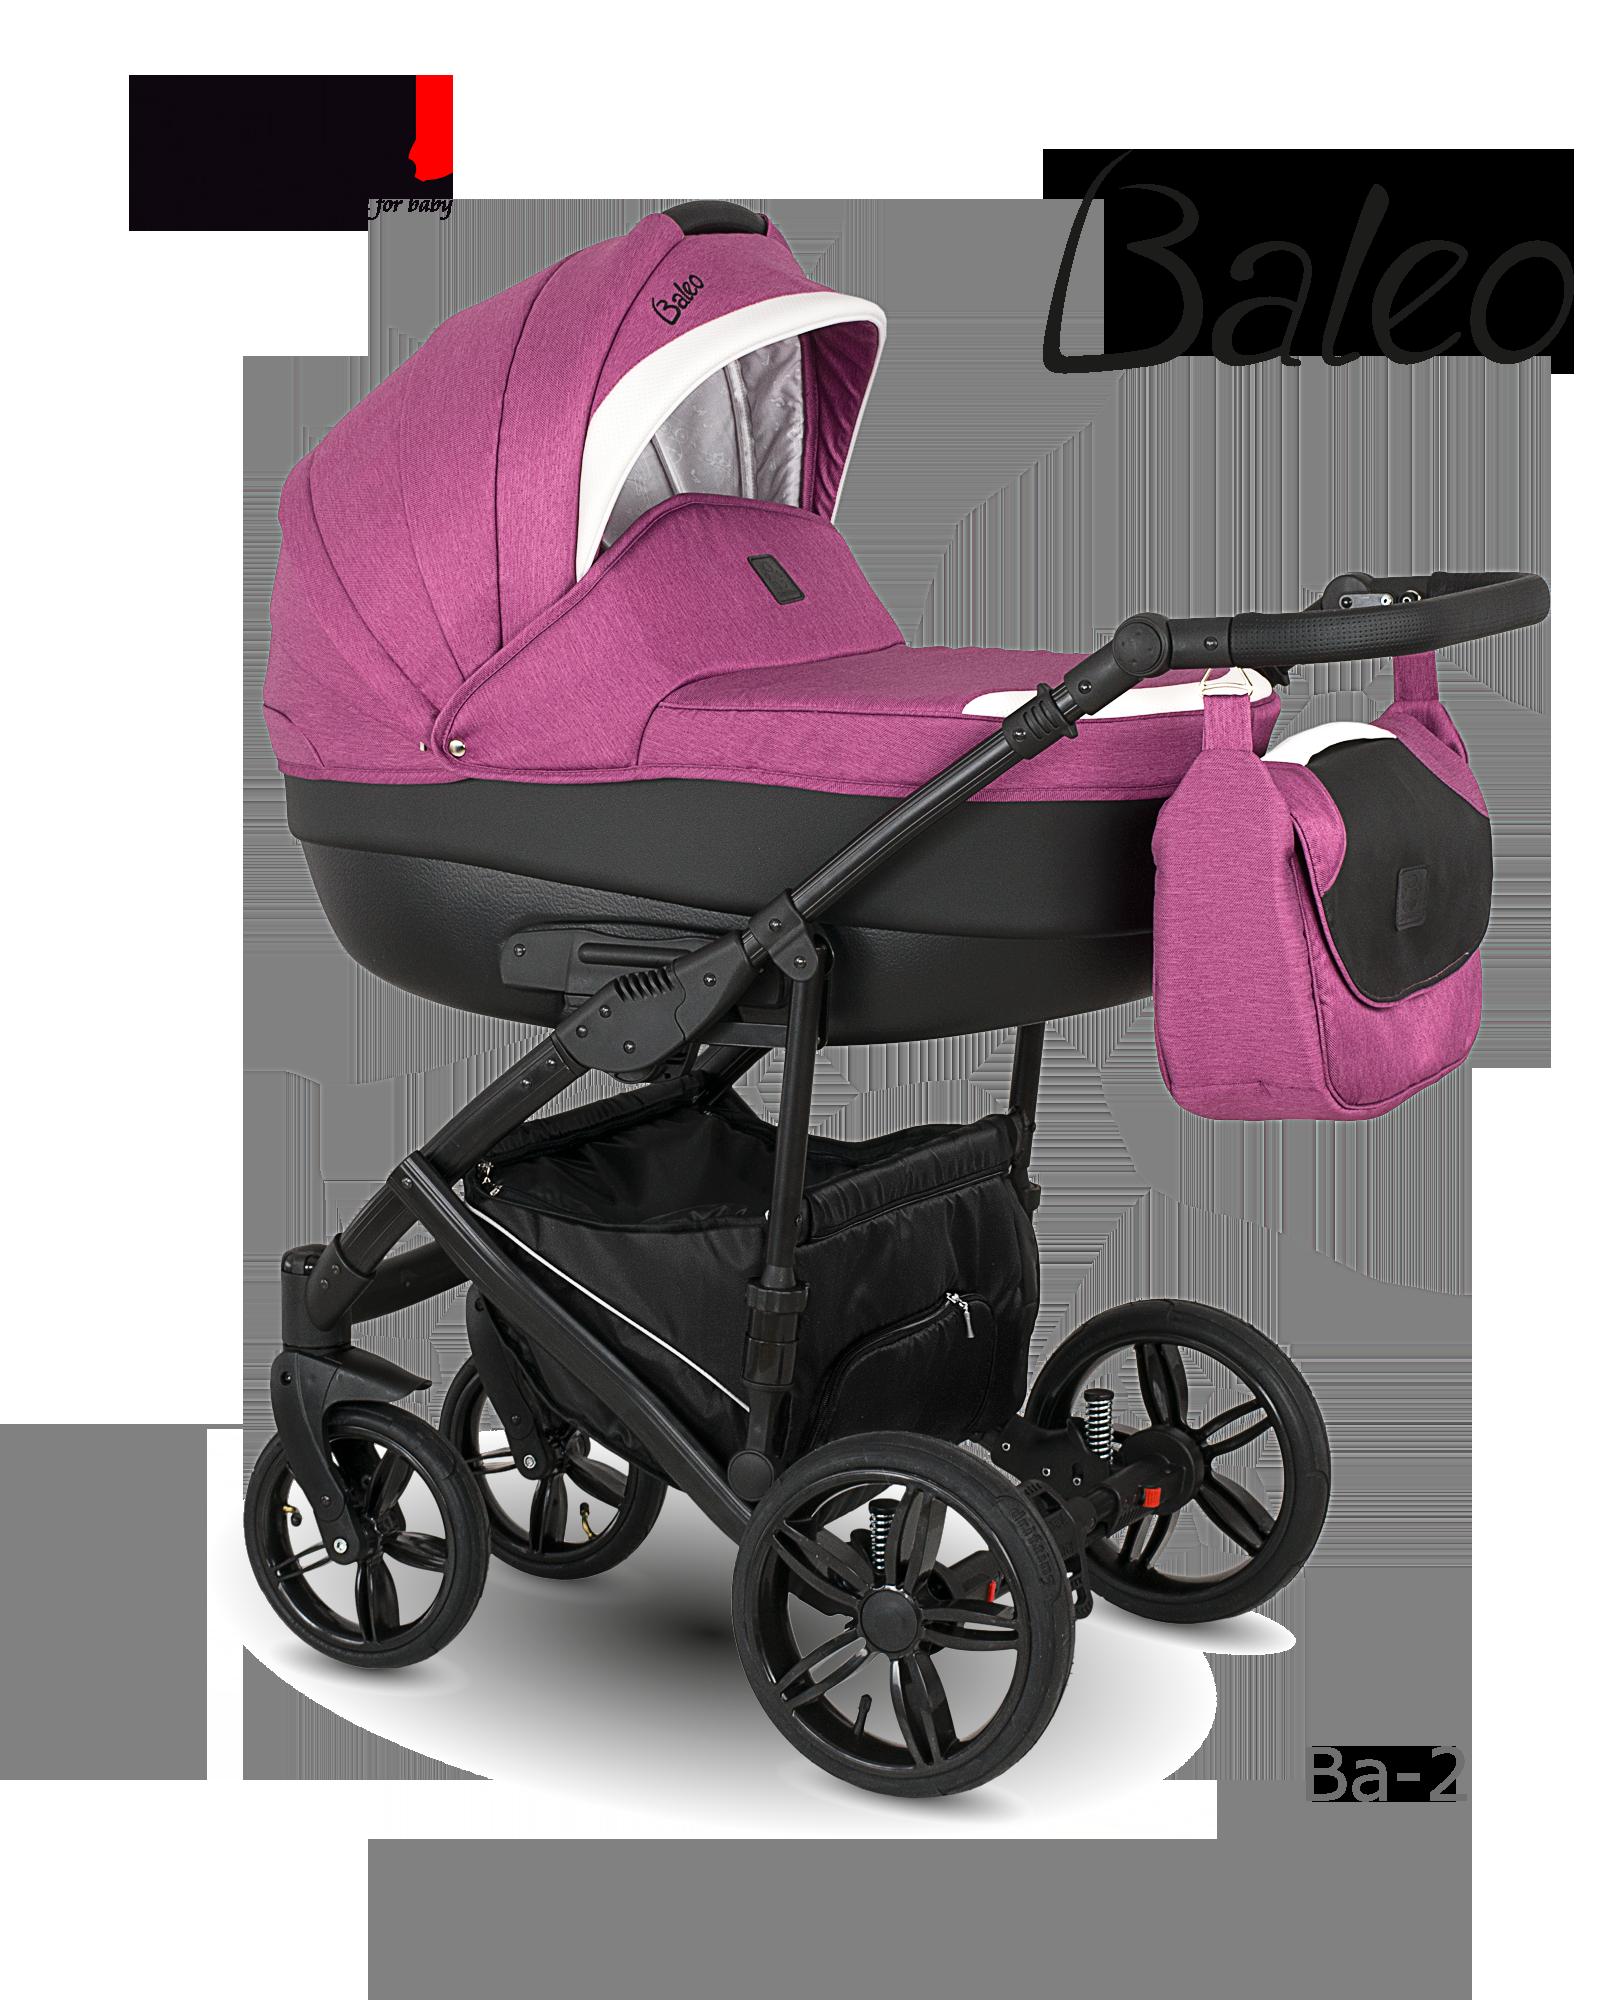 Baleo-Ba02a